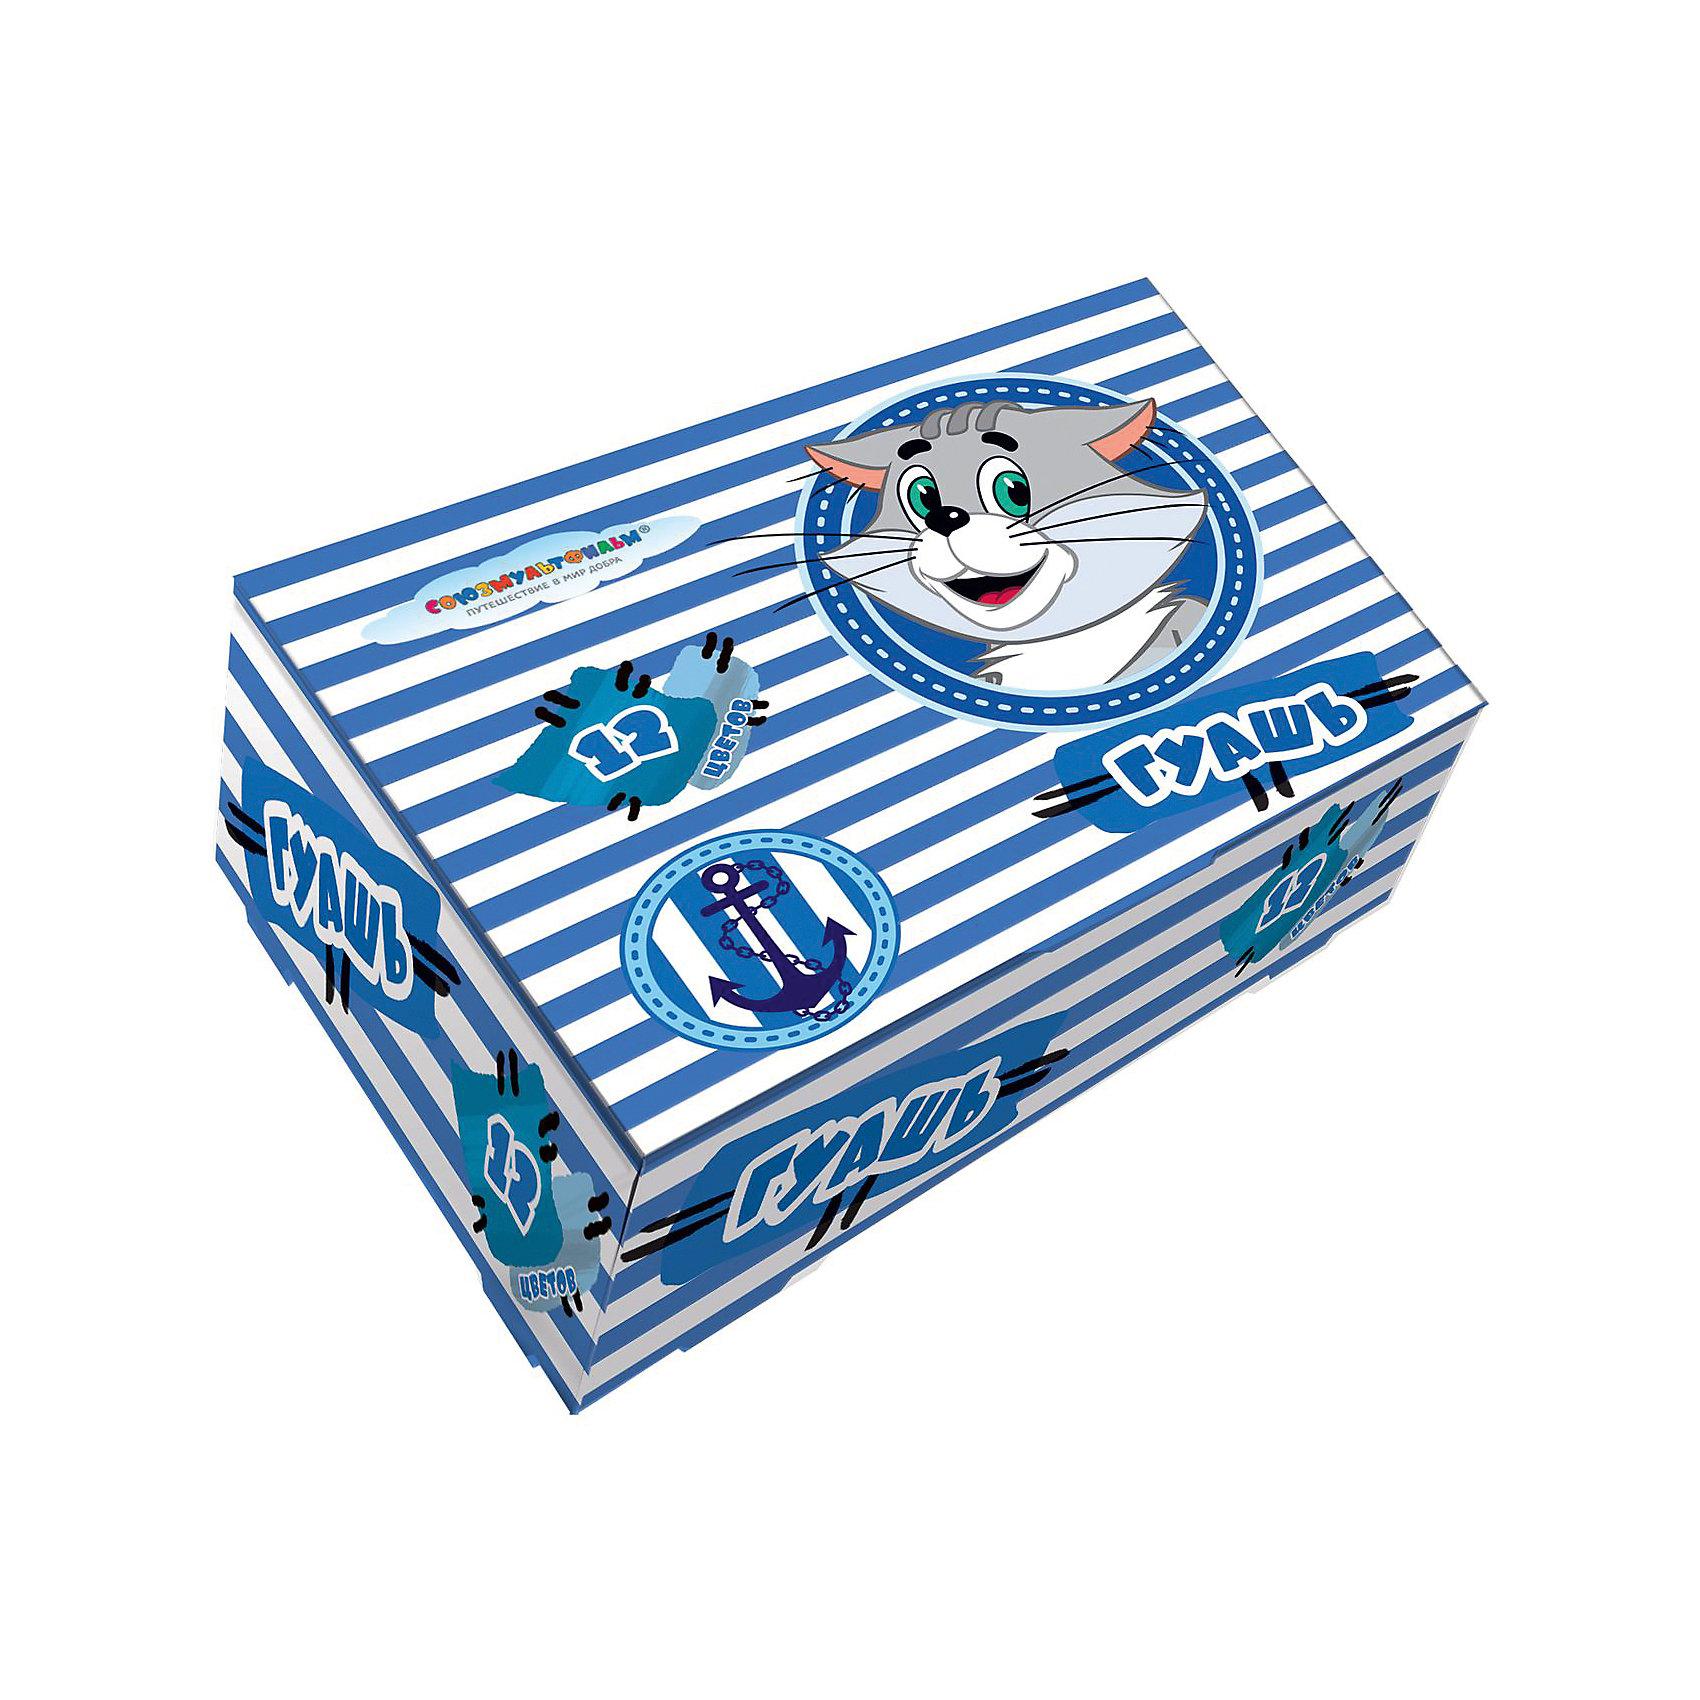 Гуашь Простоквашино,  12 цветовГуашь<br>В наборе «Простоквашино» ТМ «Союзмультфильм» 12 насыщенных цветов гуаши в прозрачных баночках по 17 мл с навинчивающимися крышками. Краска идеально подходит для рисования на бумаге, картоне, холсте, ткани и фанере: она хорошо размывается водой, легко наносится, при высыхании приобретает матовую, бархатистую поверхность. Гуашь легко смывается с рук и одежды, безопасна при использовании по назначению. Состав: вода питьевая, метилцеллюлоза, пигменты органические и неорганические, глицерин. Срок годности: 18 месяцев.<br><br>Ширина мм: 150<br>Глубина мм: 110<br>Высота мм: 35<br>Вес г: 346<br>Возраст от месяцев: 48<br>Возраст до месяцев: 120<br>Пол: Унисекс<br>Возраст: Детский<br>SKU: 4637458